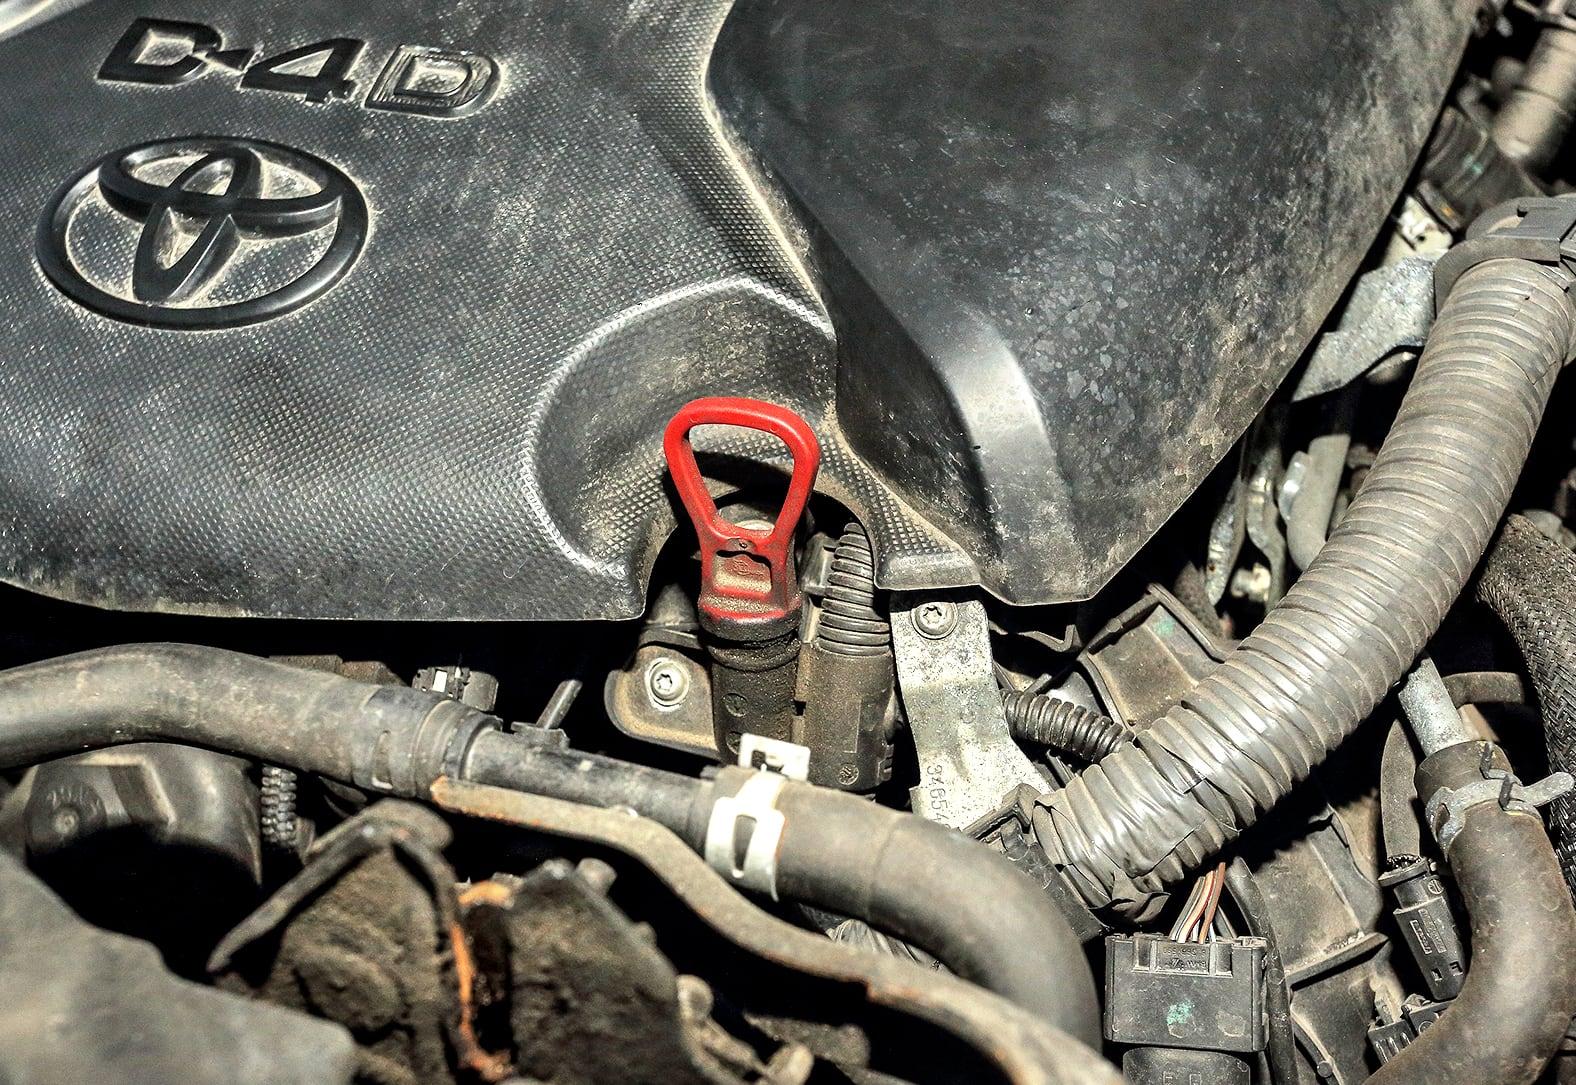 Toyota Avensis III 2.0 D-4D Prestige silnik ibagnet dooleju